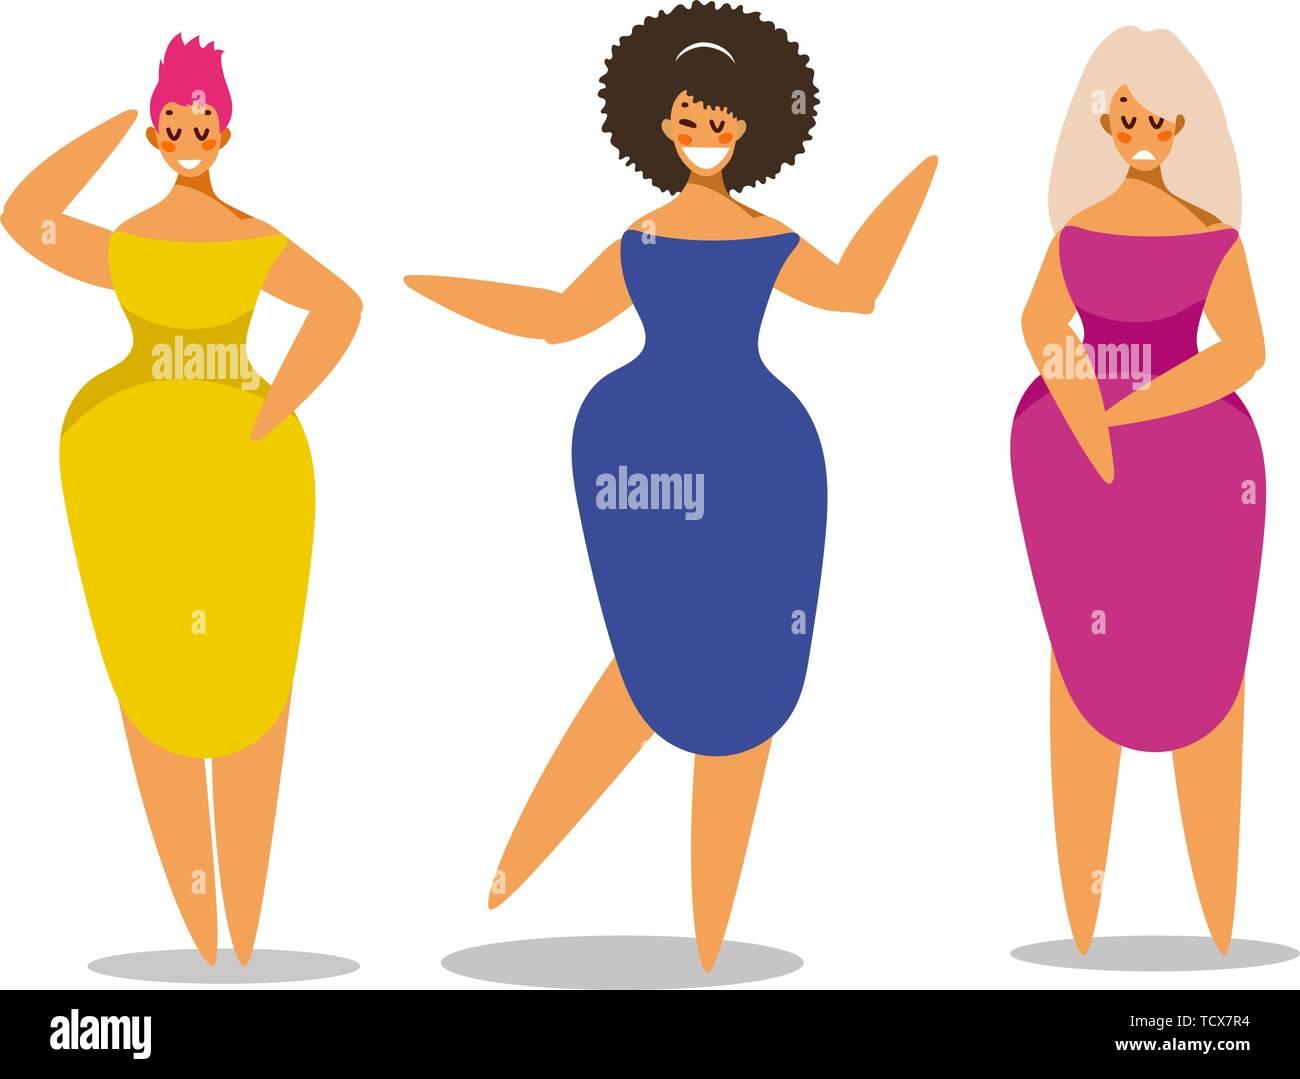 a573e0089 Conjunto de mujer en elegante vestido en diferentes poses. Carácter ...